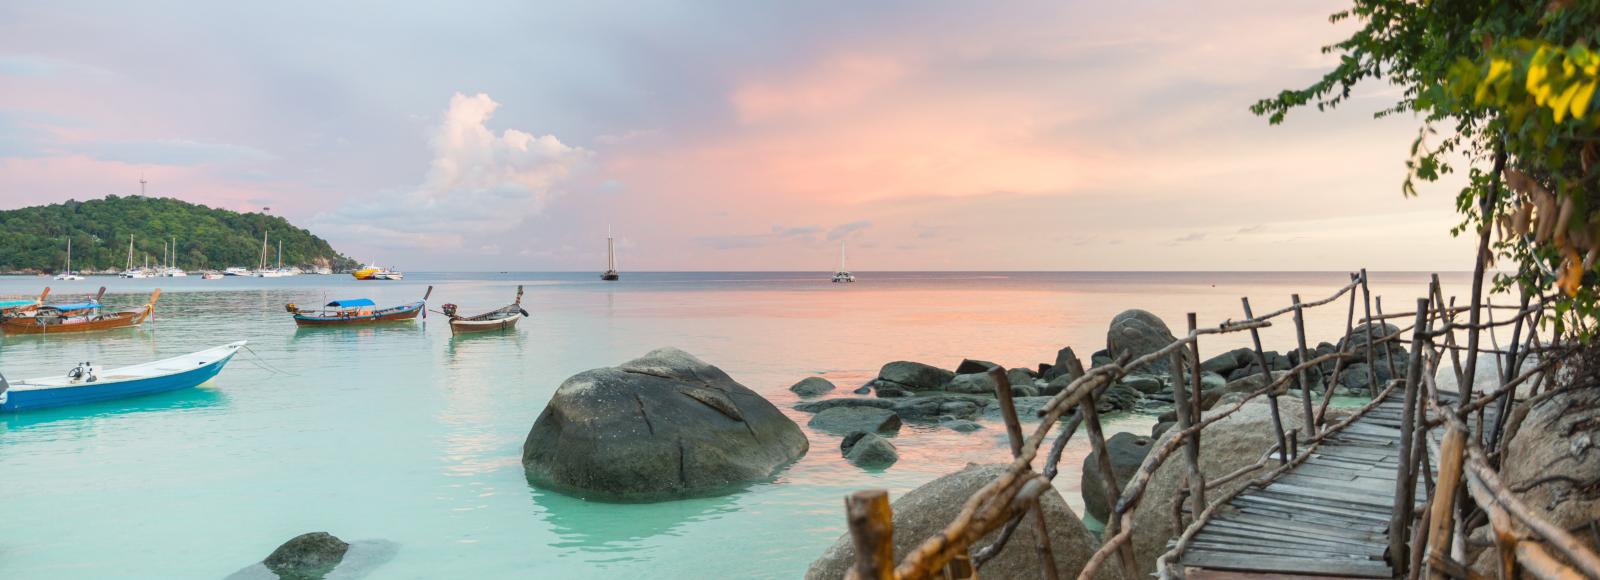 strandurlaub-thailand-bangkok-straende-1600x580